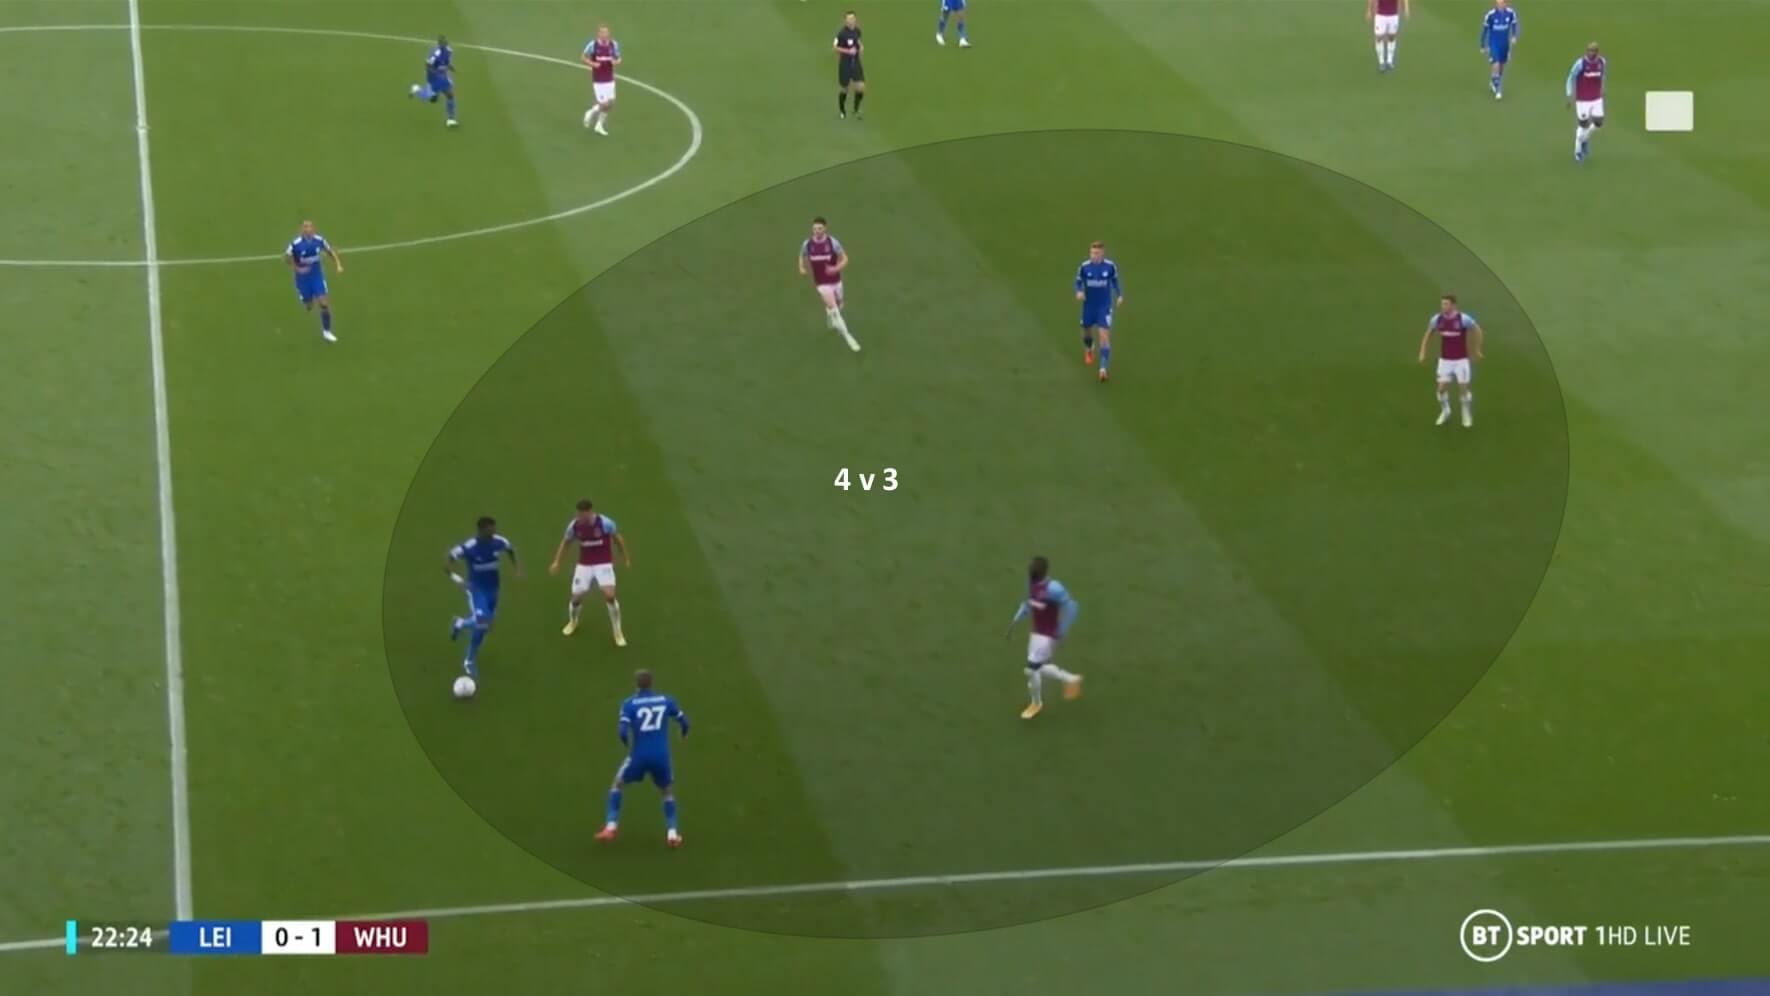 Premier League 2020/21: Leicester City vs West Ham United - tactical analysis tactics